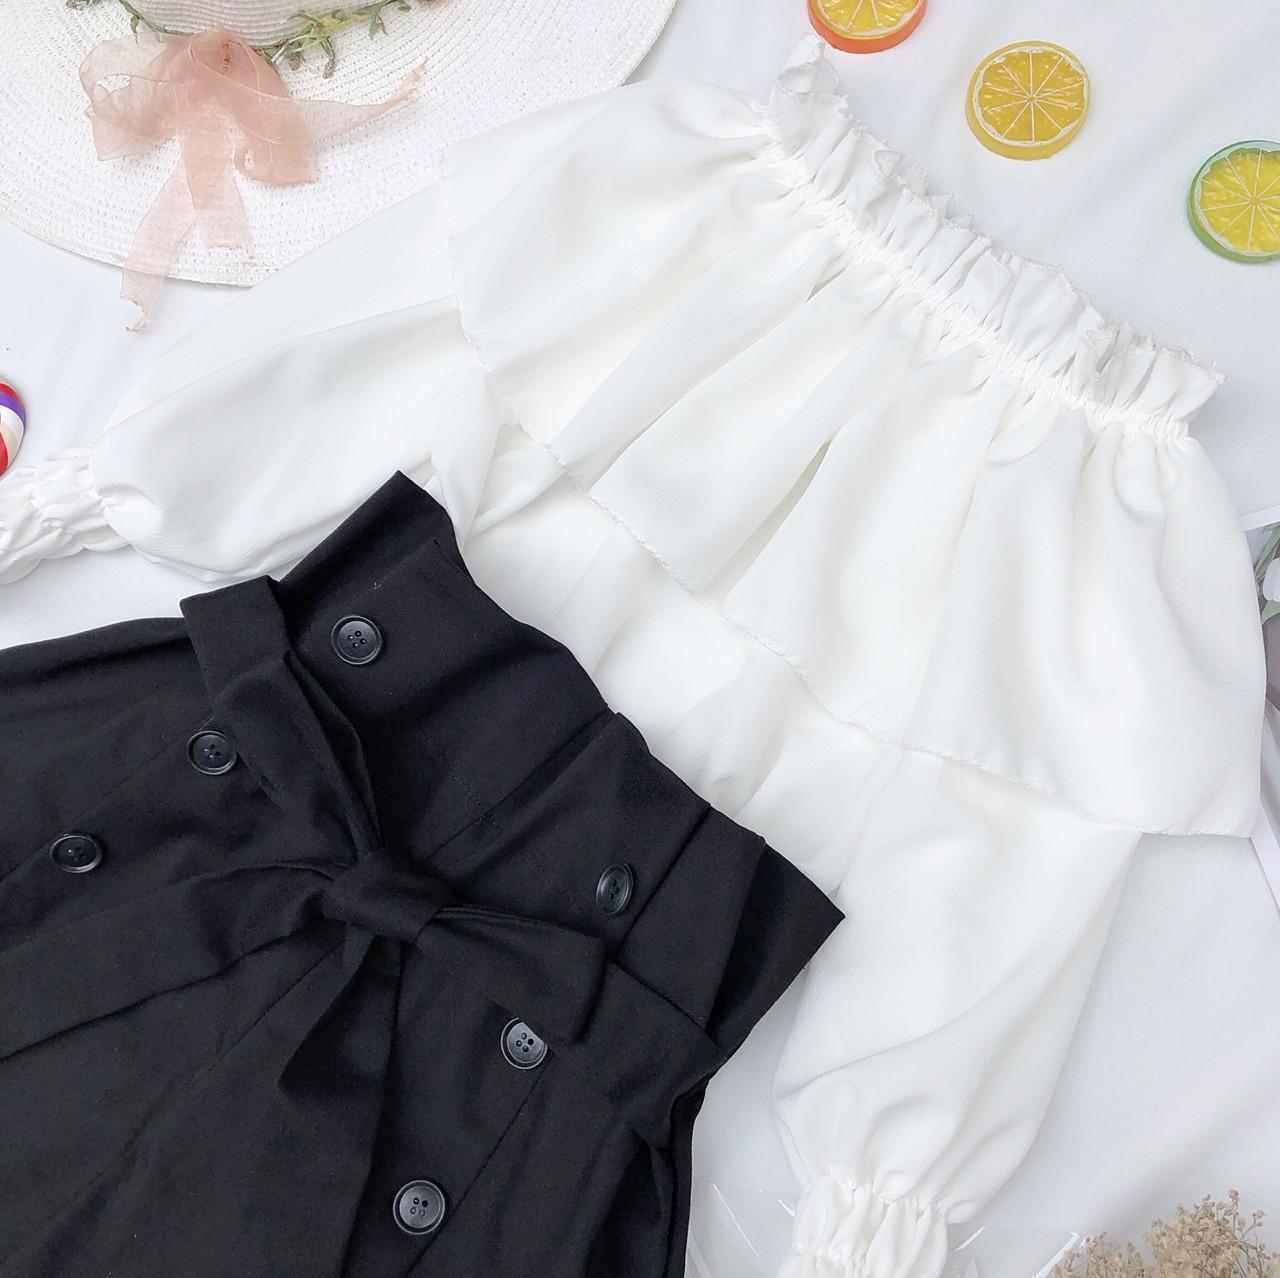 Giảm Giá Khi Mua cho Set áo Voan Bẹt Vai Tay Phồng Phối Quần Short Kaki Mềm Cột Nơ Eo